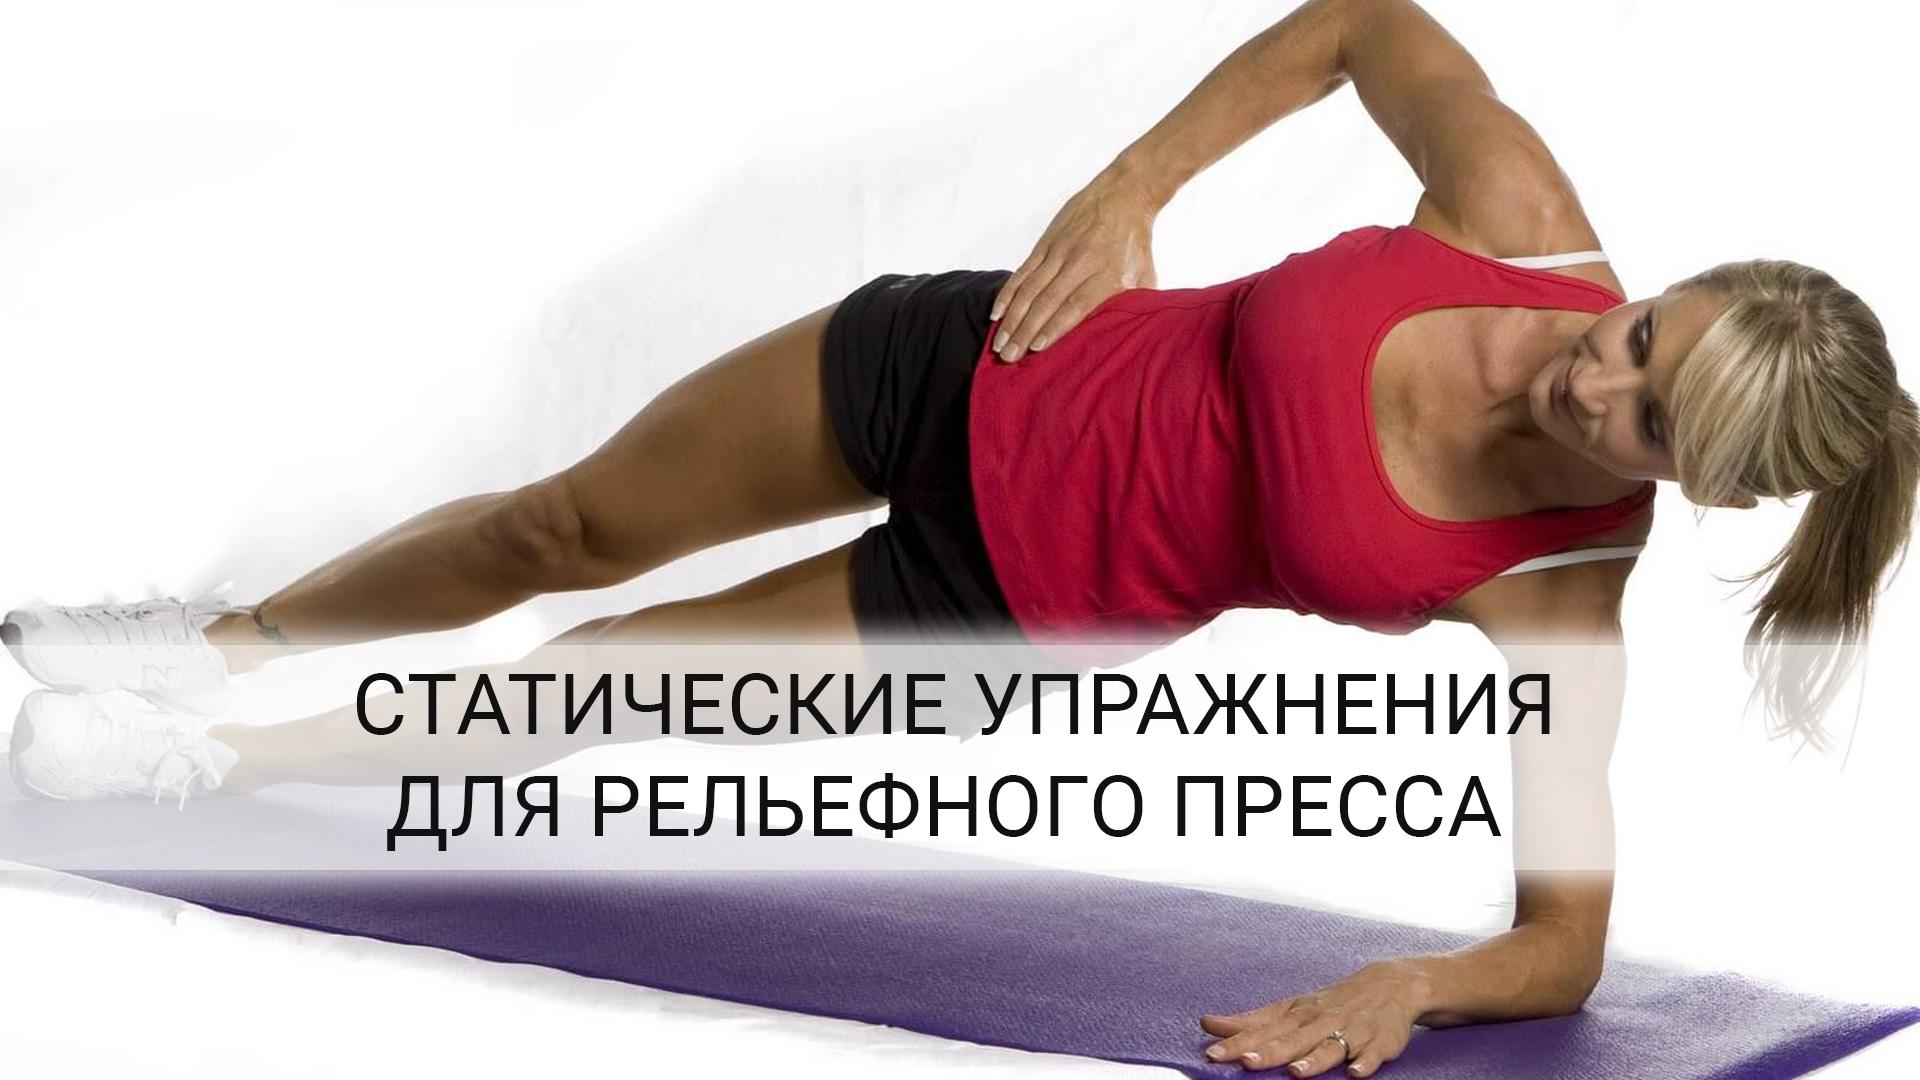 Статические упражнения для пресса сделают мышцы сильными!